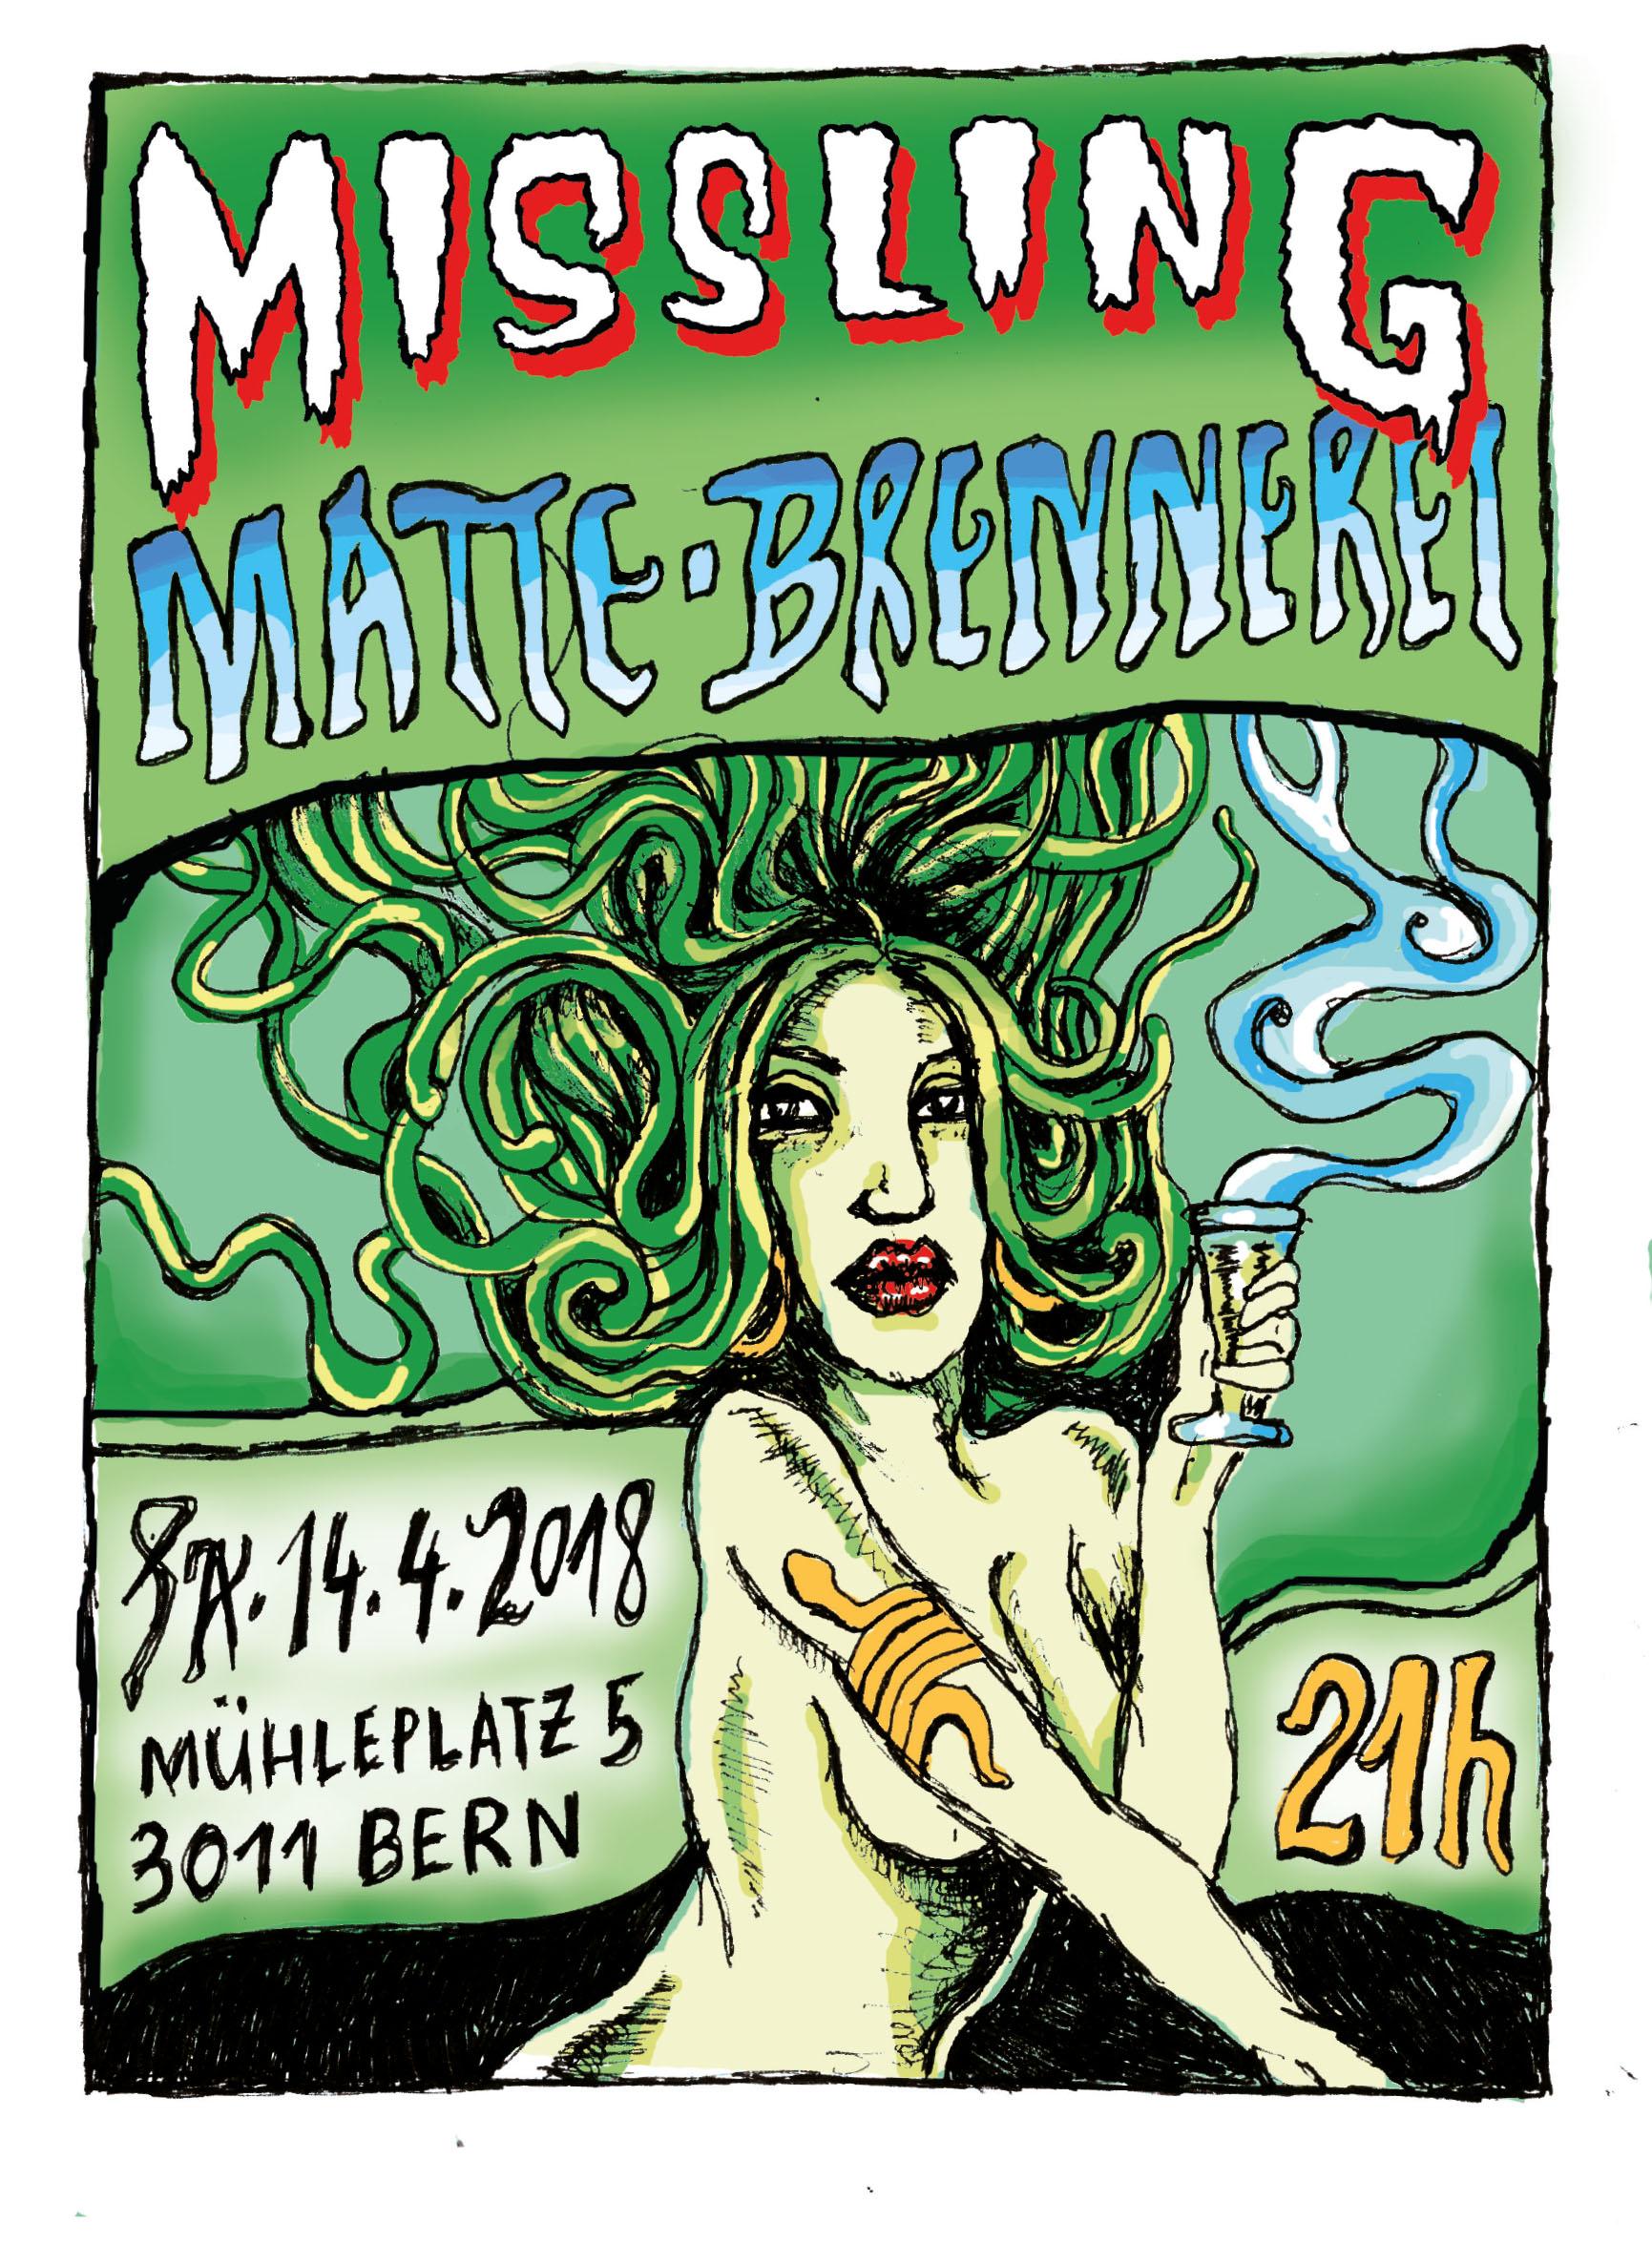 missling_matte_brennerei